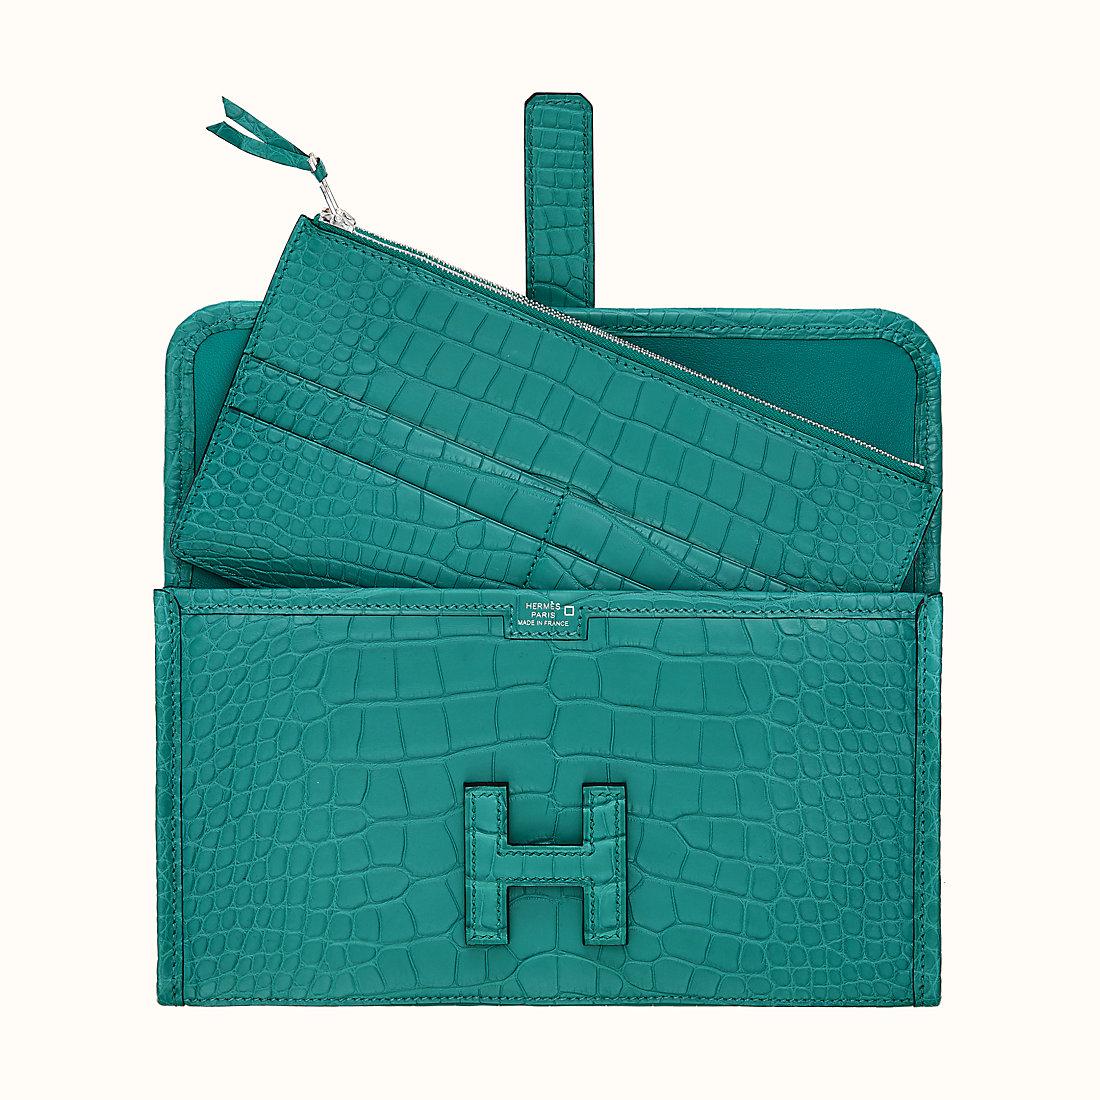 臺灣臺南市愛馬仕長款錢包 Hermes Jige Duo wallet CA7F Bleu Paon